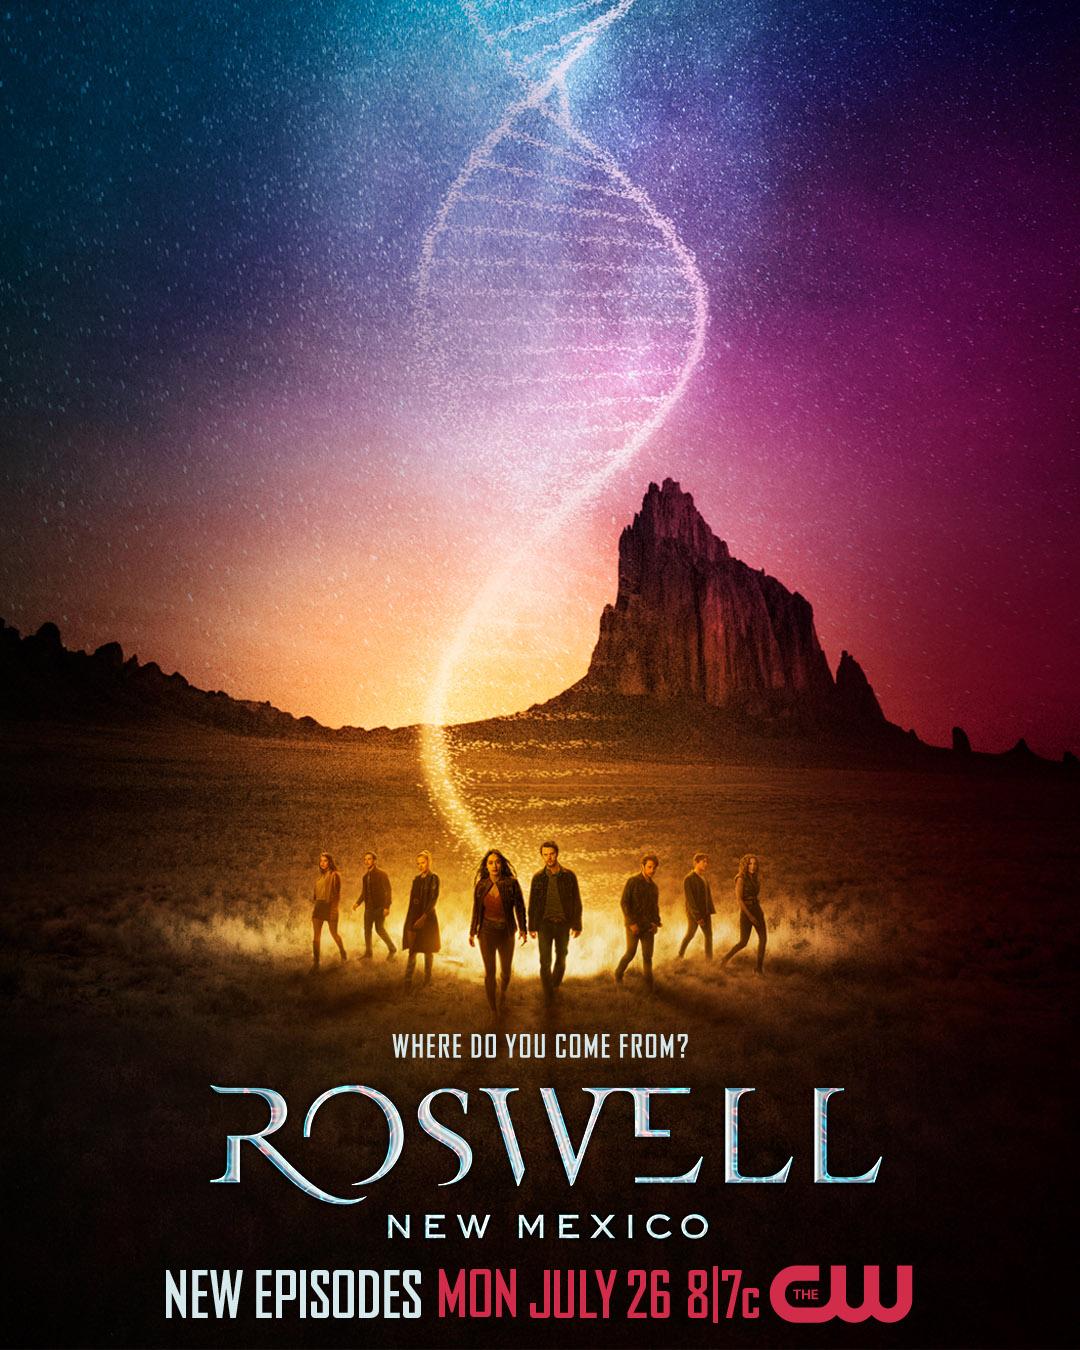 Постер для 3 сезона сериала Розуэлл Нью-Мексико